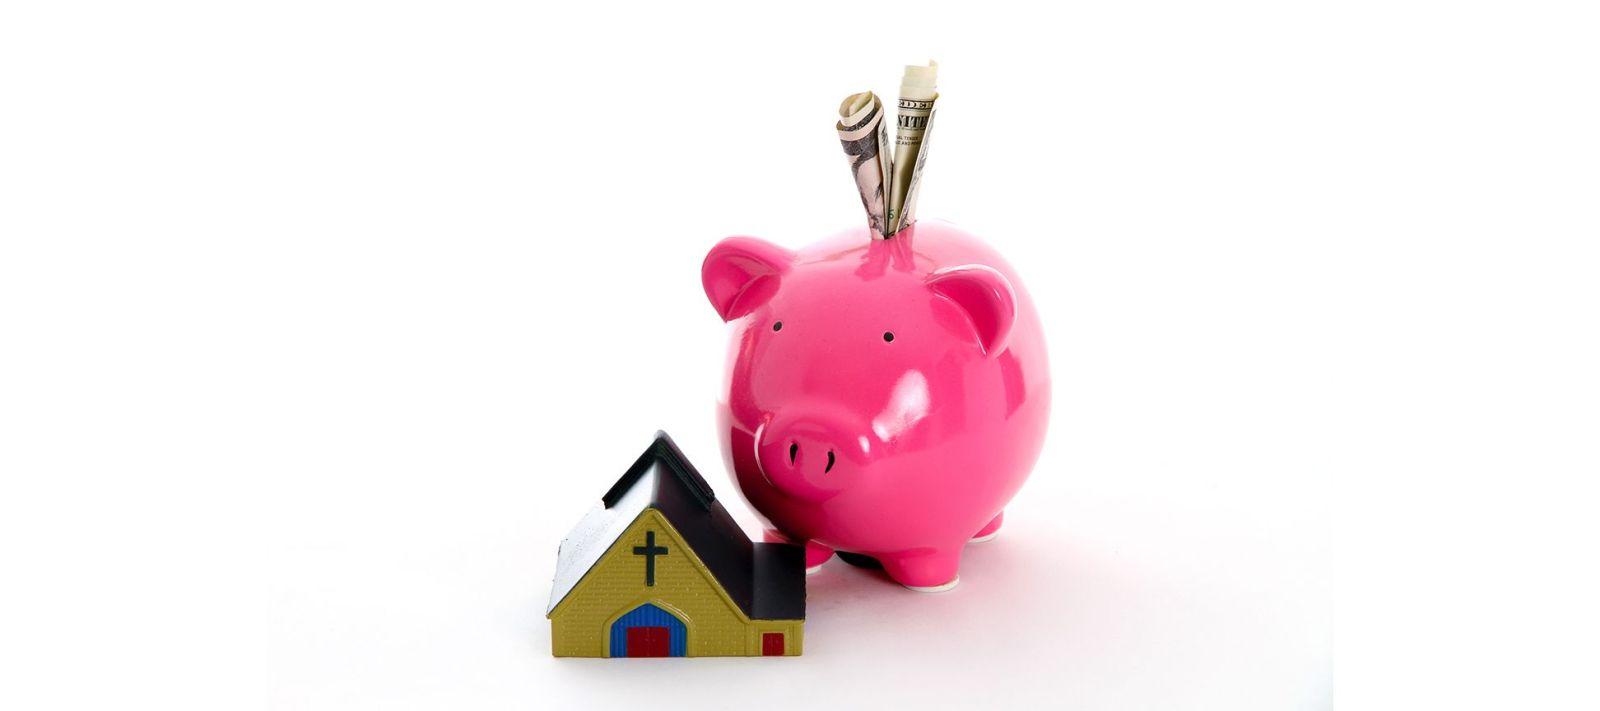 Lightening Churches' Financial Loads